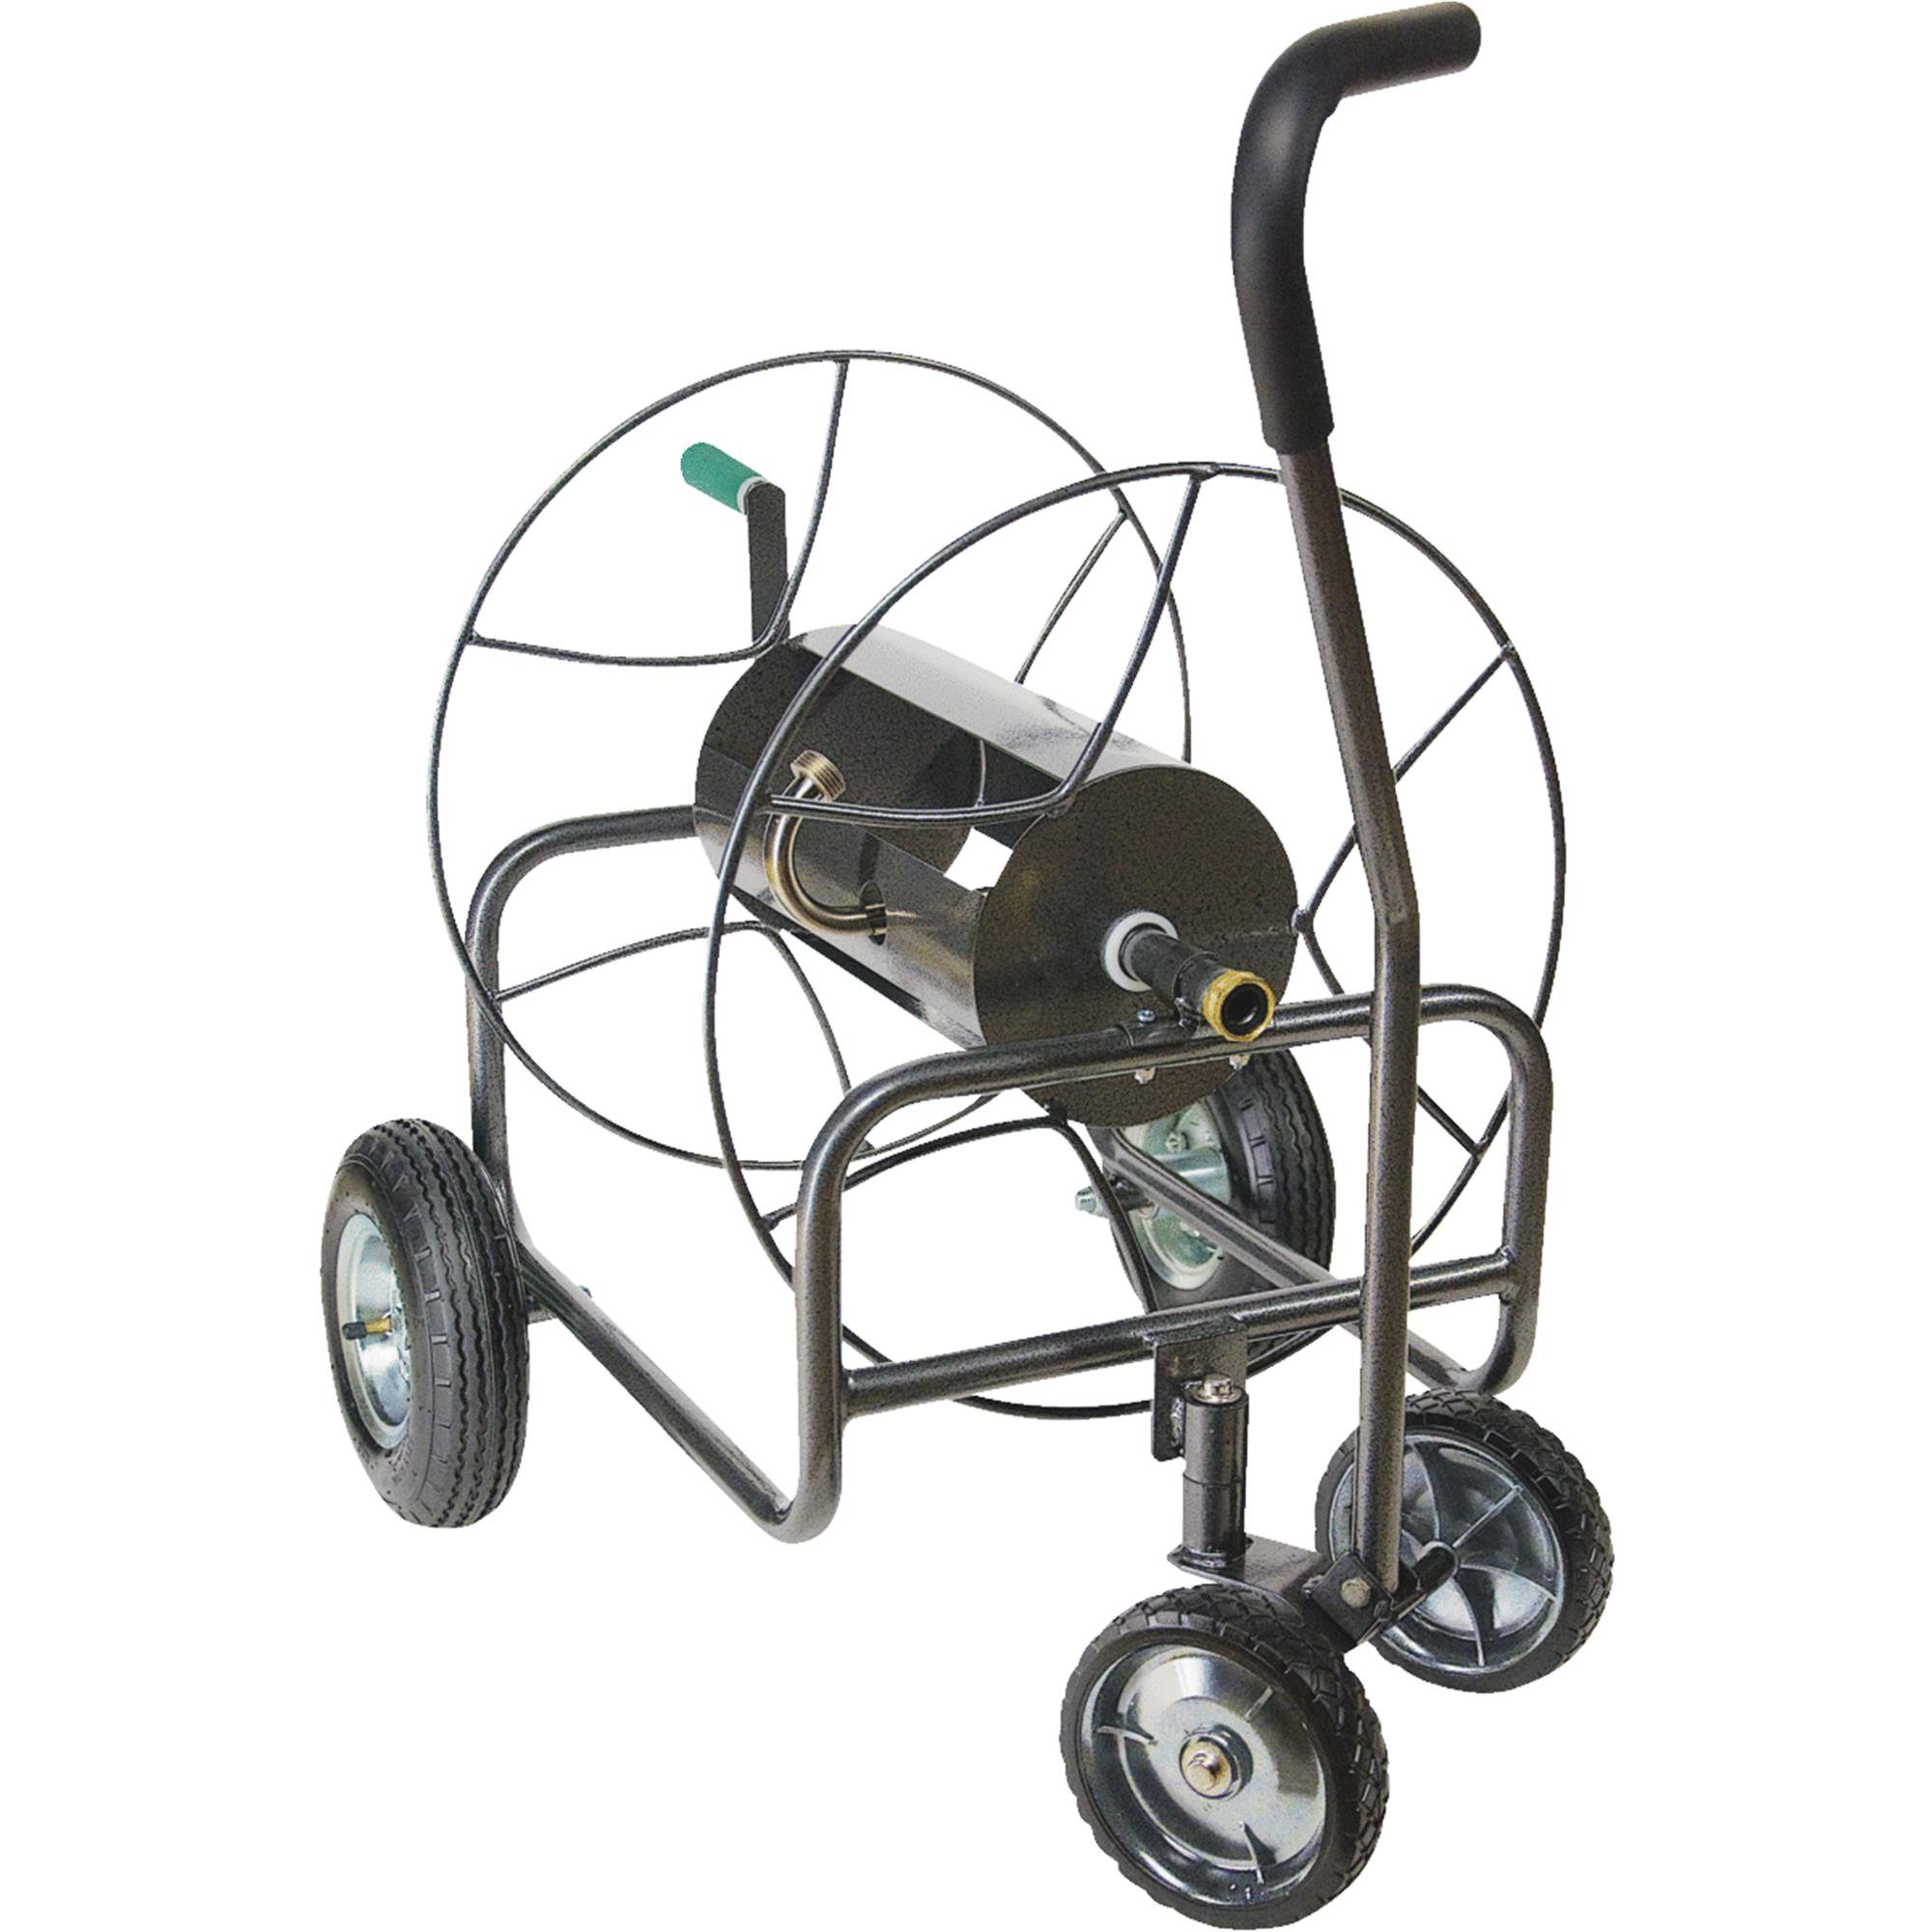 EZ Turn 4-Wheel Hose Reel by Yard Butler